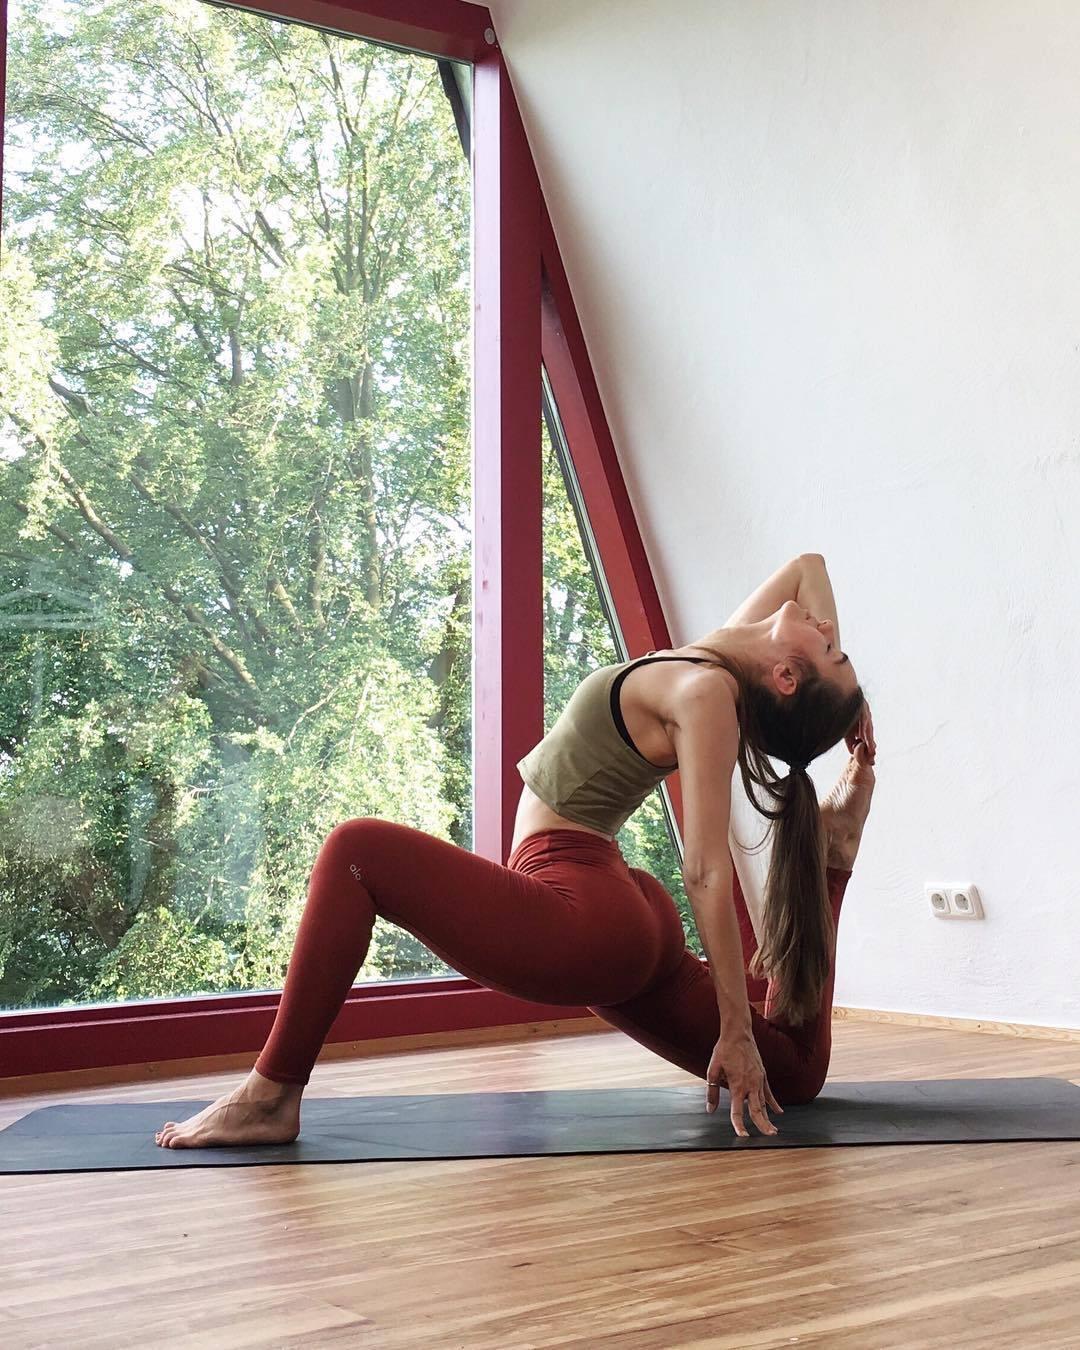 瑜伽用实力说话,上来就是这一手,是不是很霸气